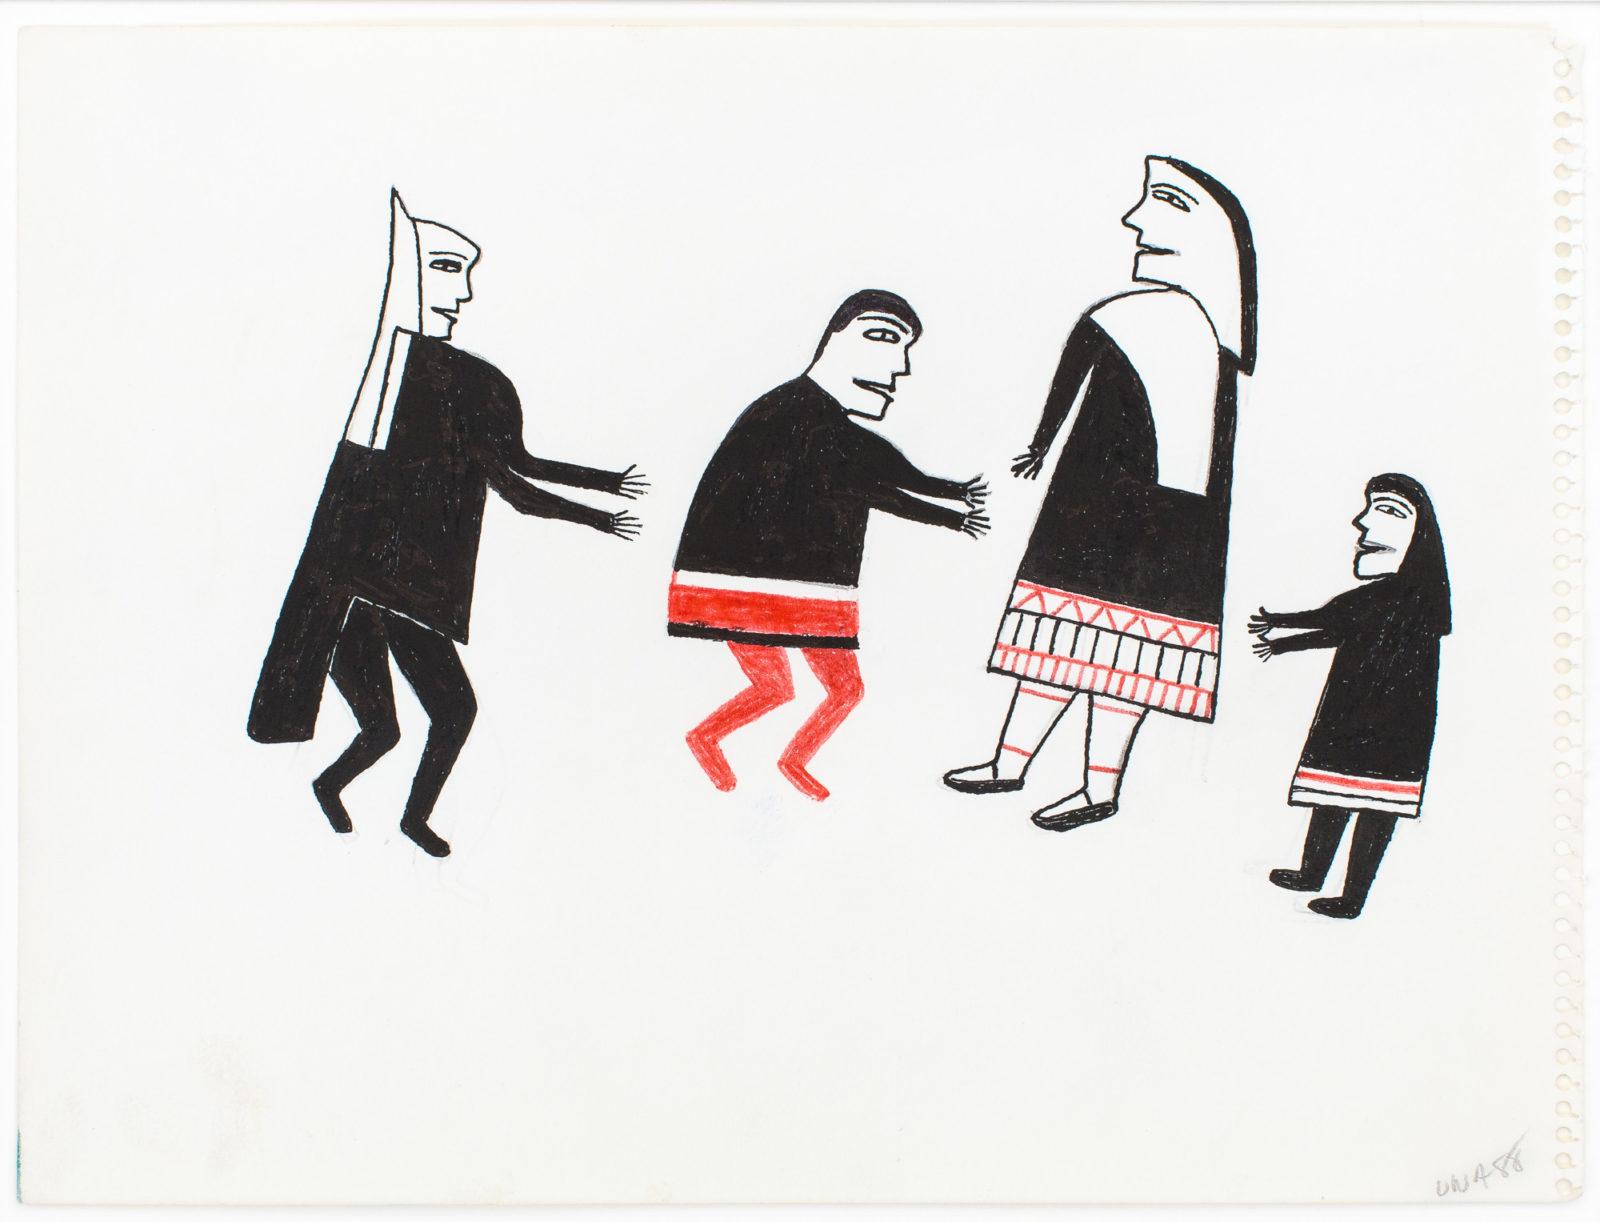 Jessie Oonark - untitled (four figures)